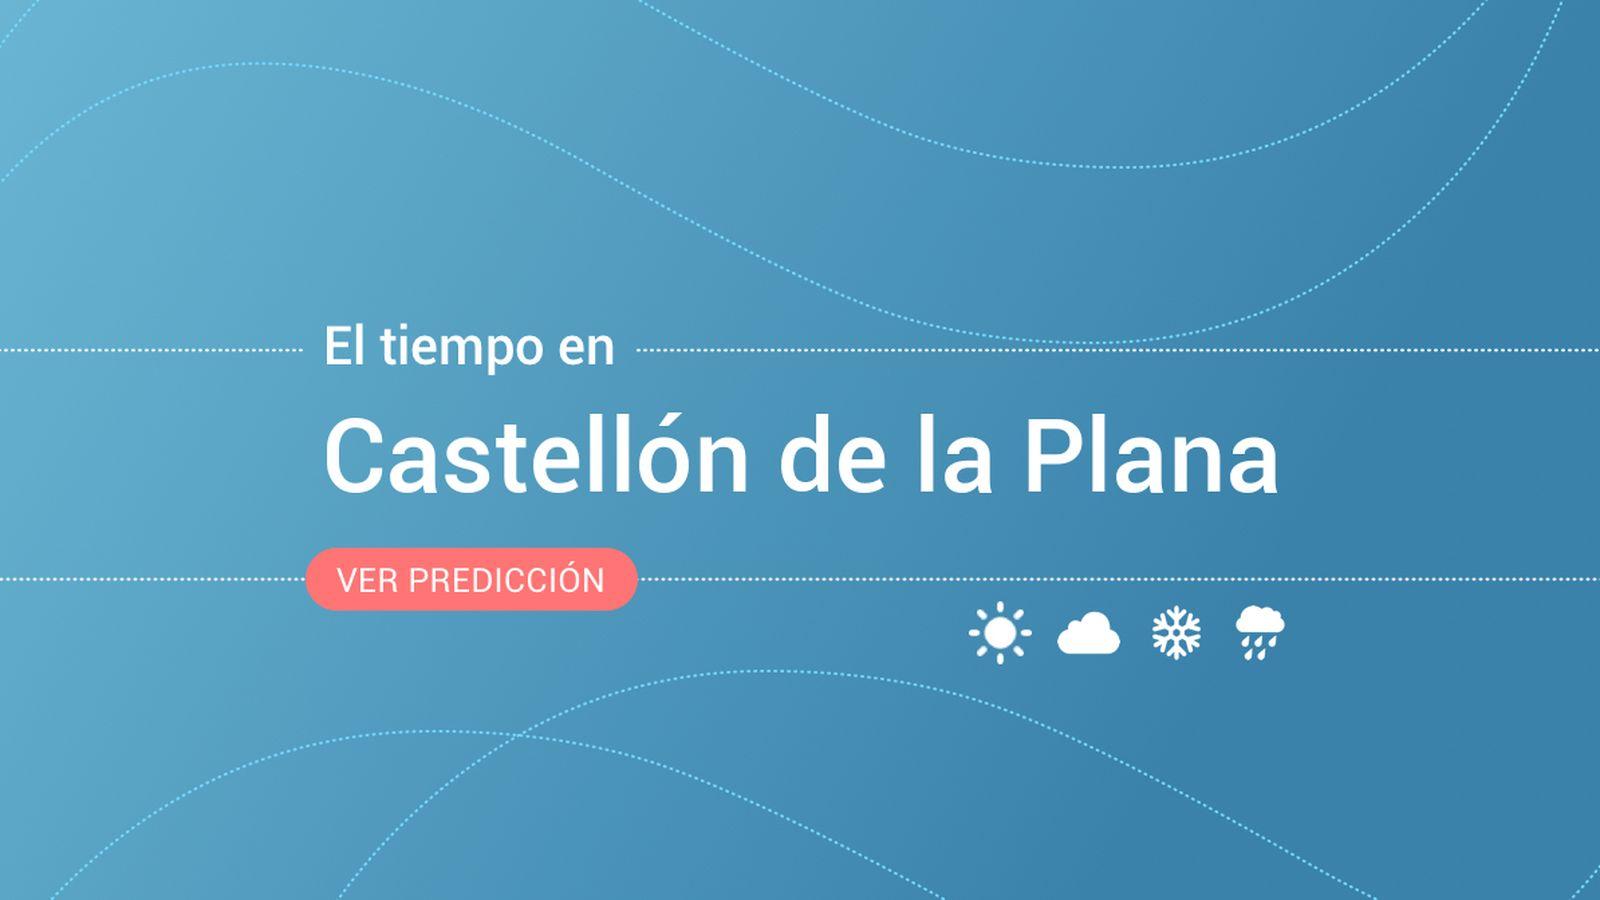 Foto: El tiempo en Castellón de la Plana. (EC)